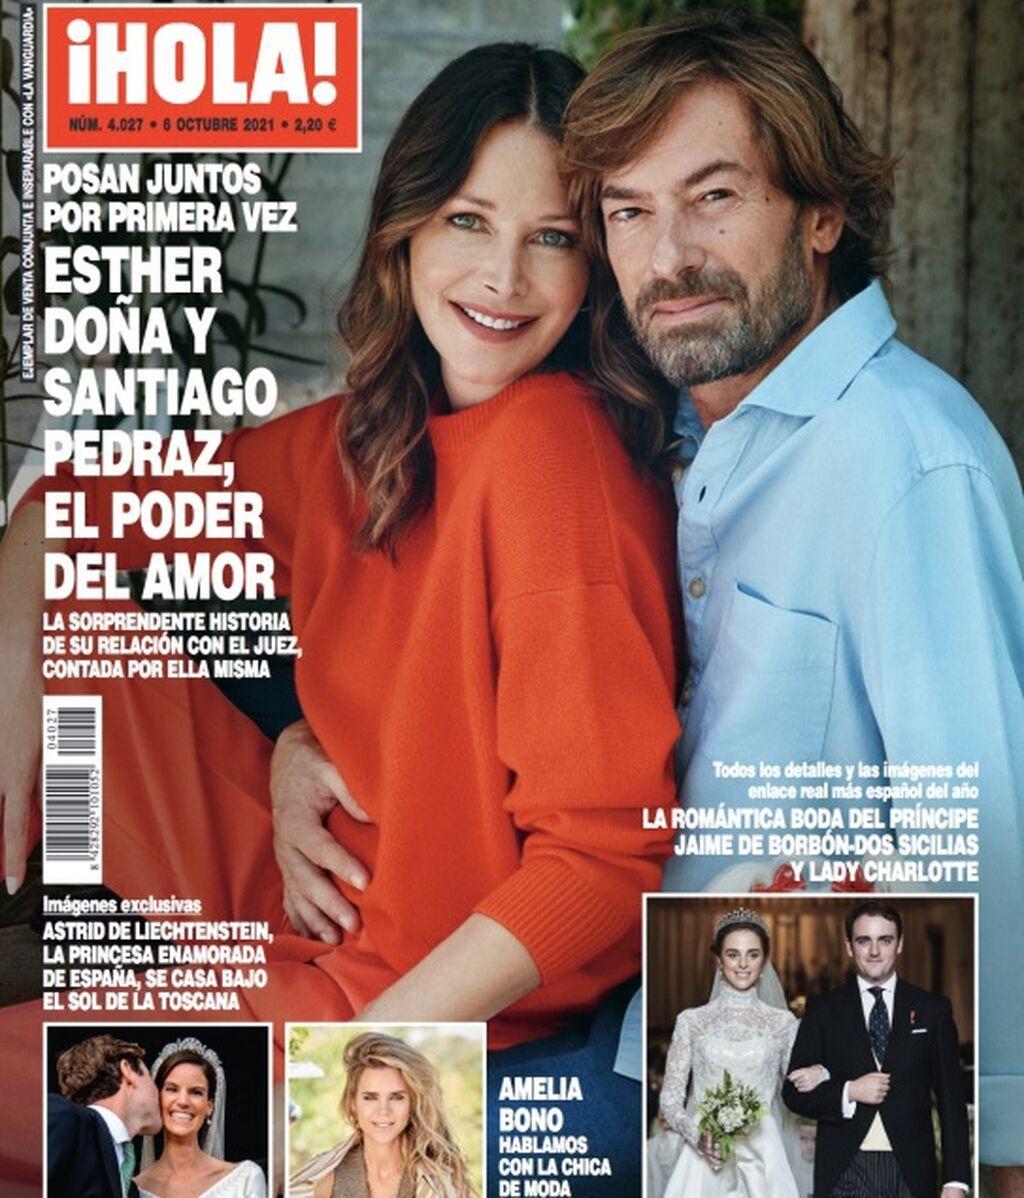 Esther Doña y Santiago Pedraz